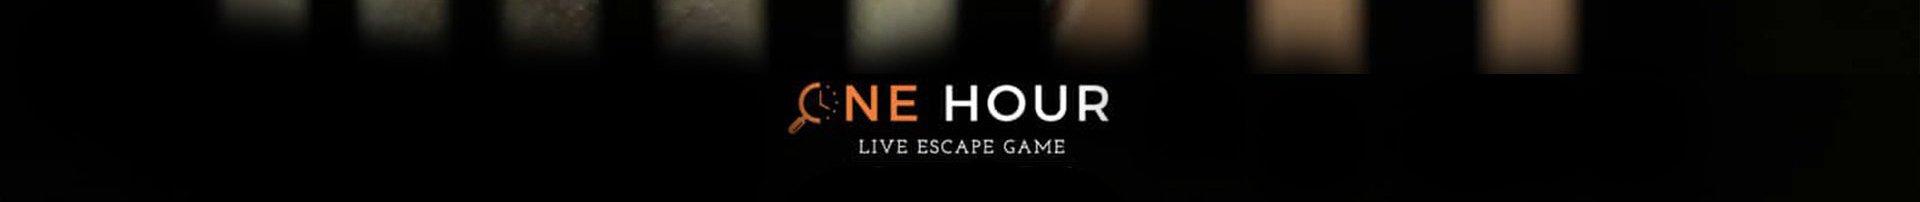 L'escape game Lost Asylum de One Hour.jpg